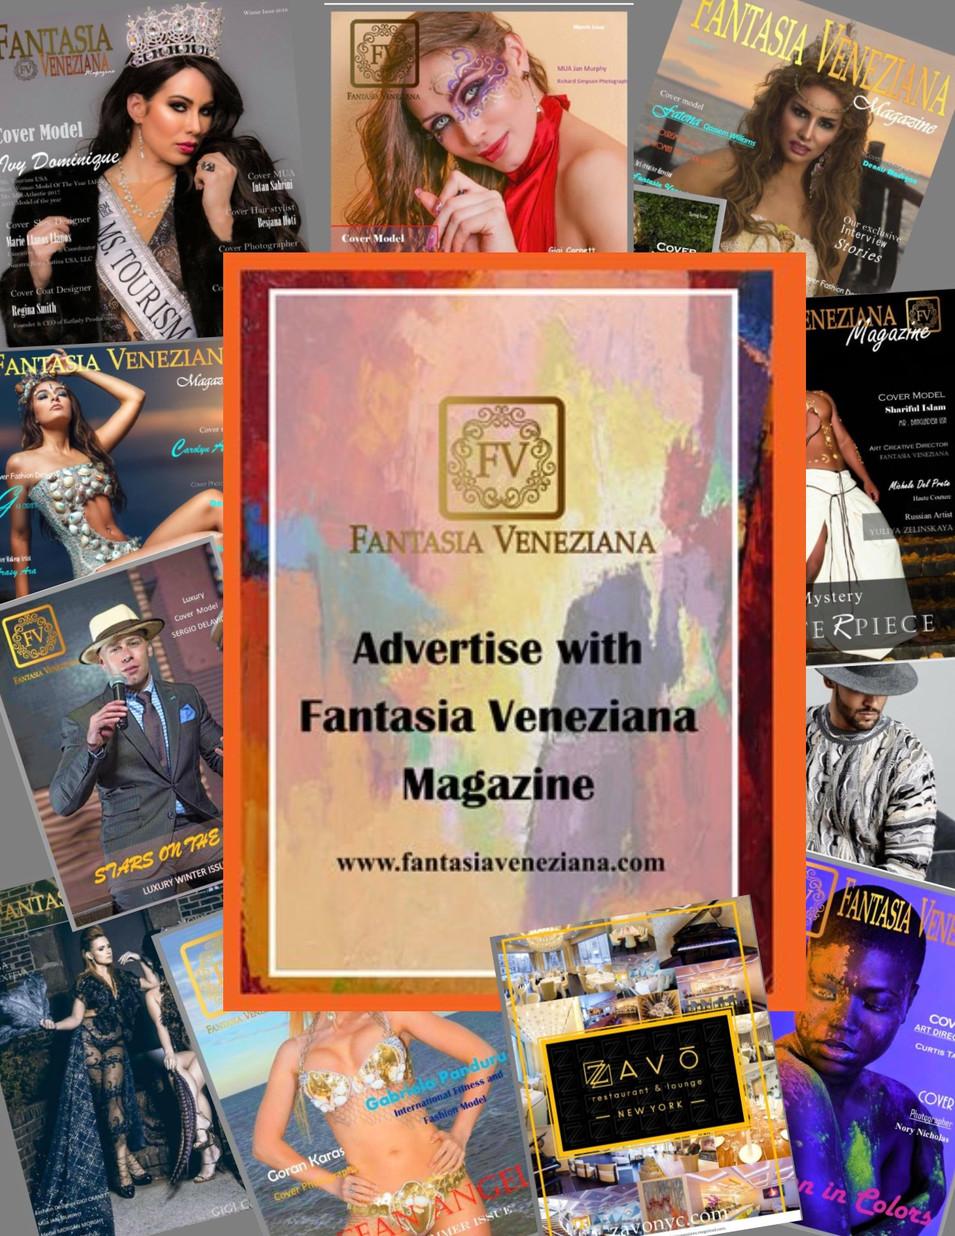 https://www.facebook.com/FantasiaVenezianaLLC/